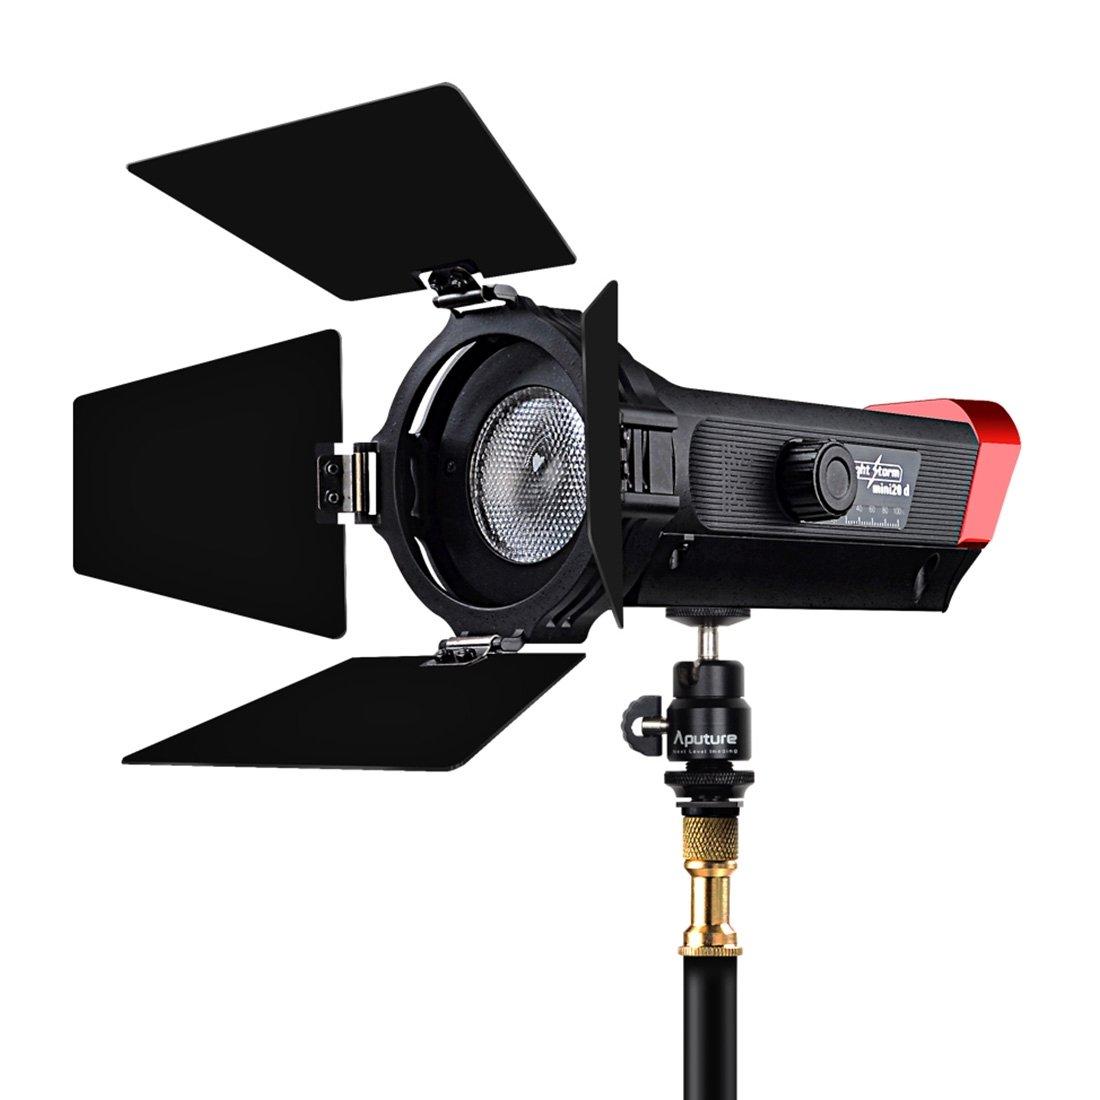 Aputure LS-mini20DライトストームハイカラーレンディションTLCI 97 7500K +/- 300Kビーム角調整可能COB LEDスタジオビデオライト   B07RTYH6GP